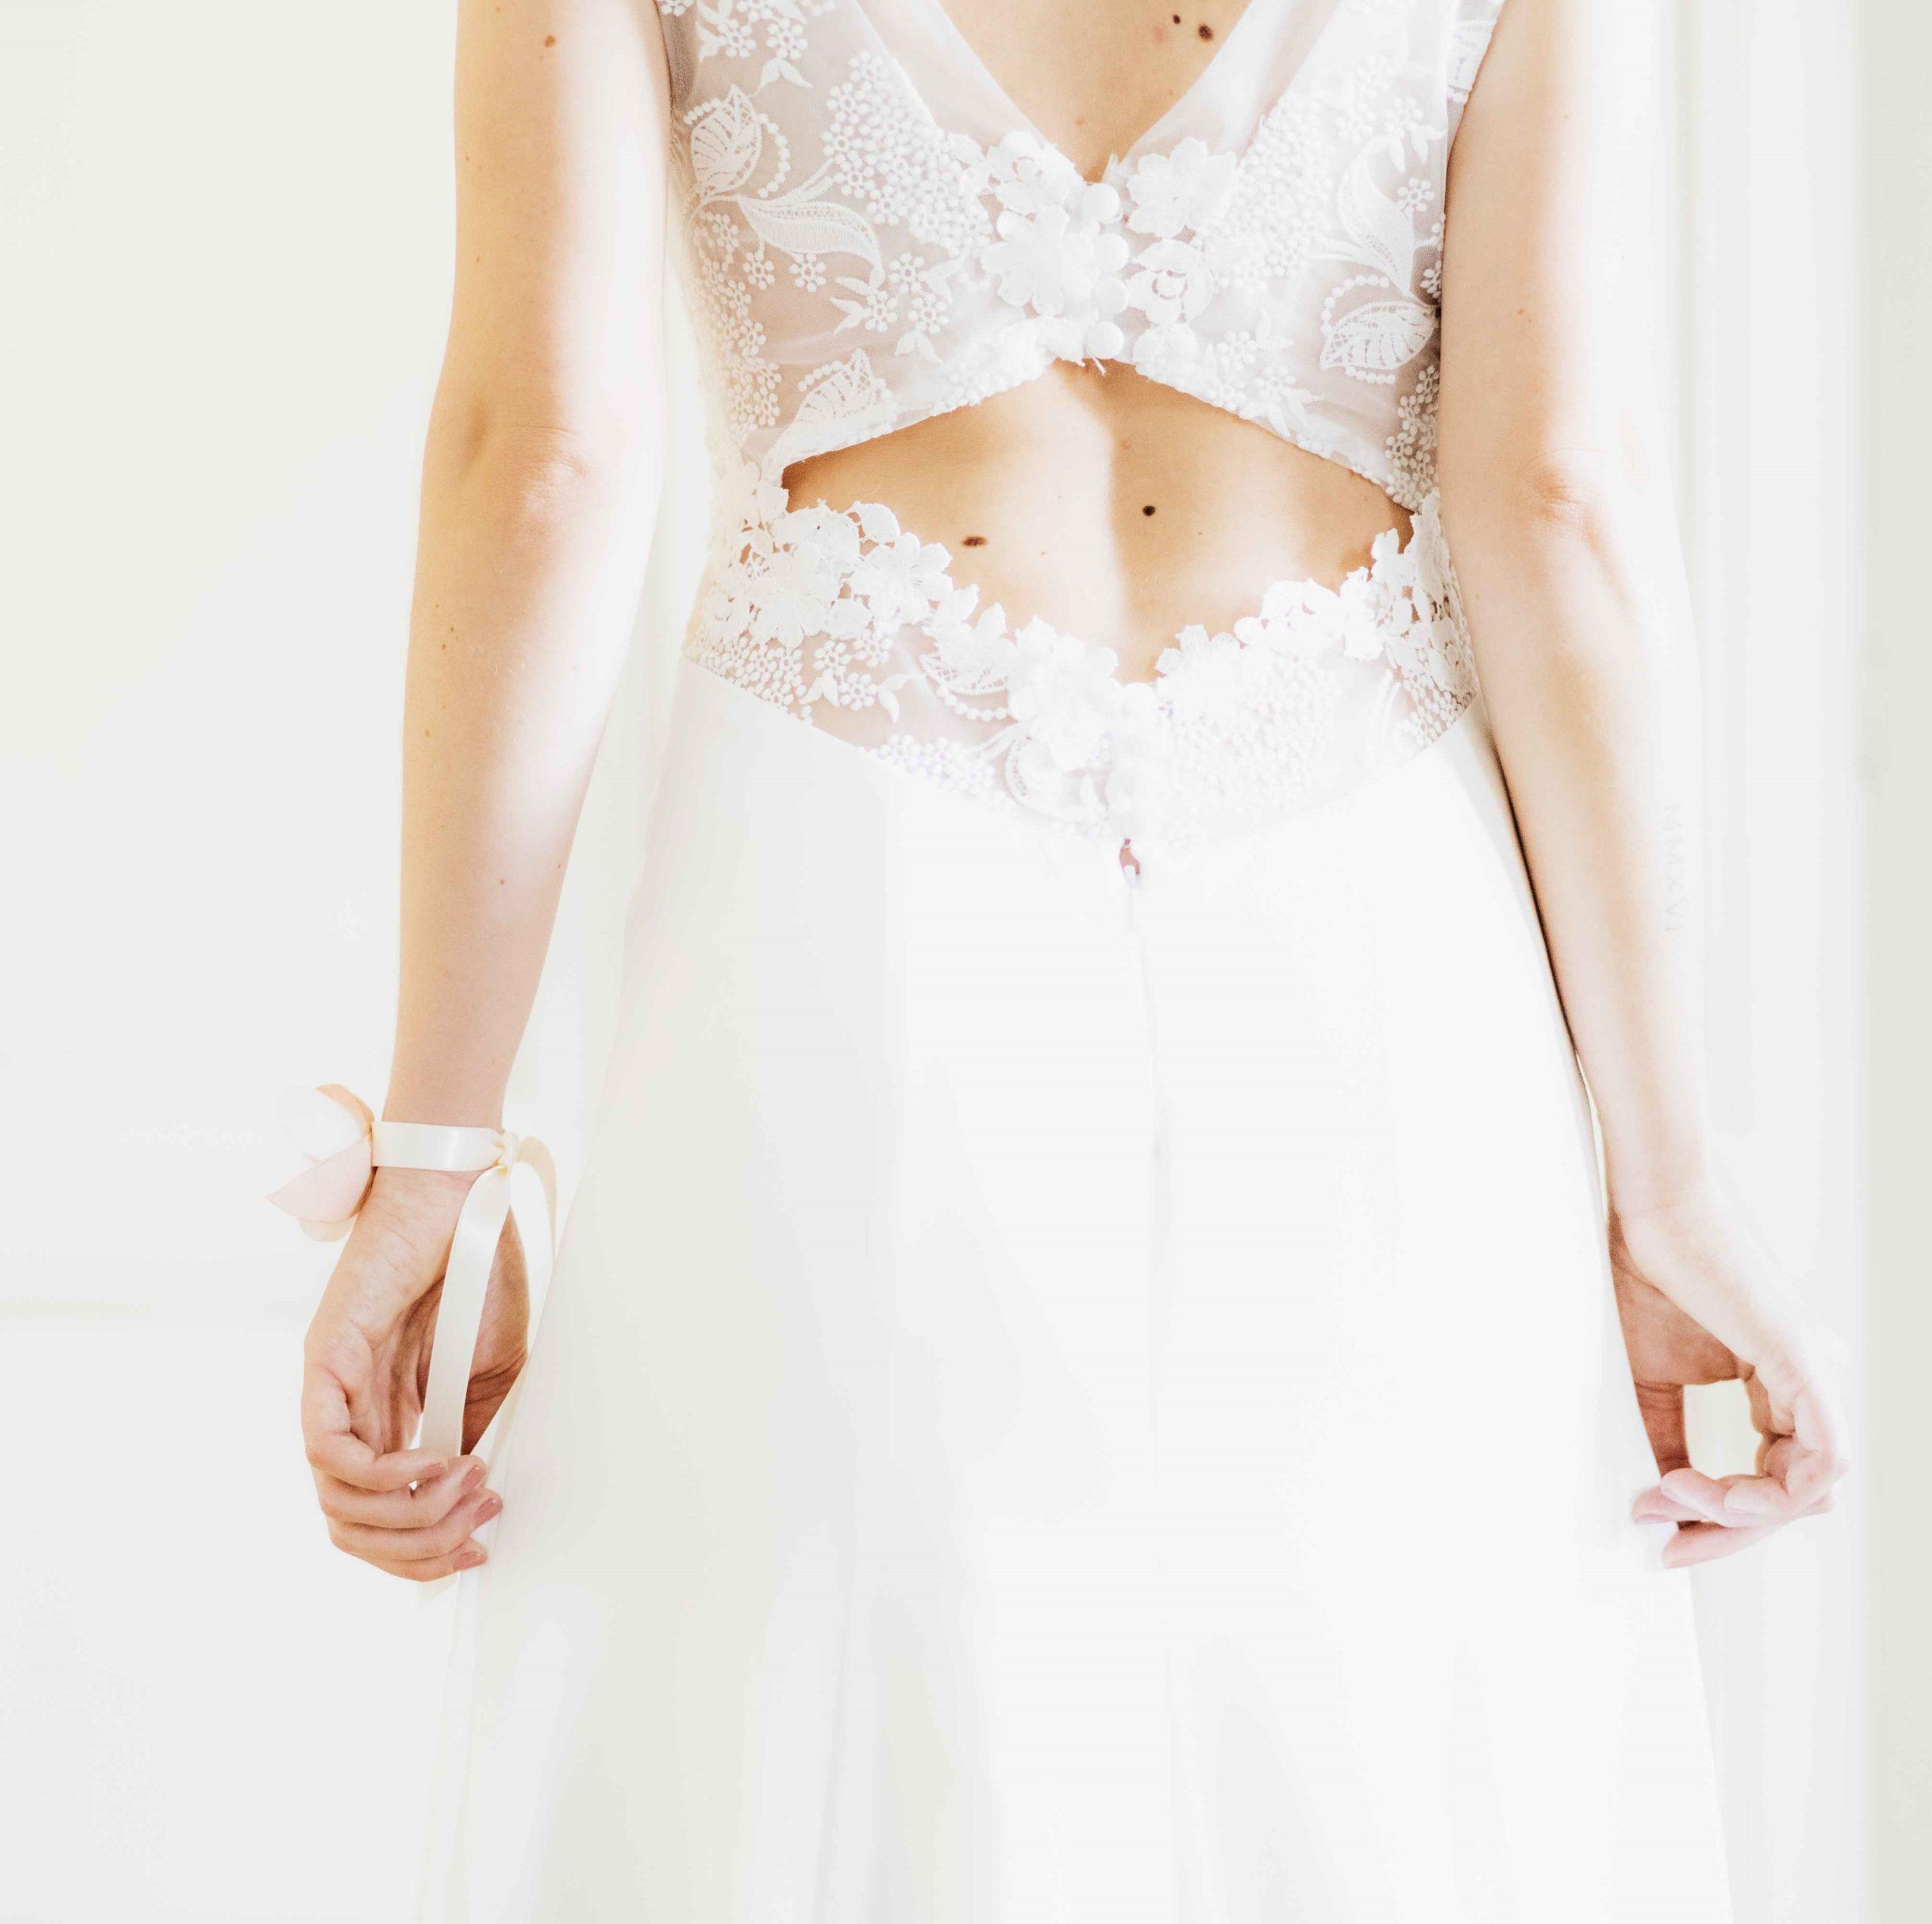 Bracelet Eléonore 3 Alice Marty - Couture florale Accessoires Mariage